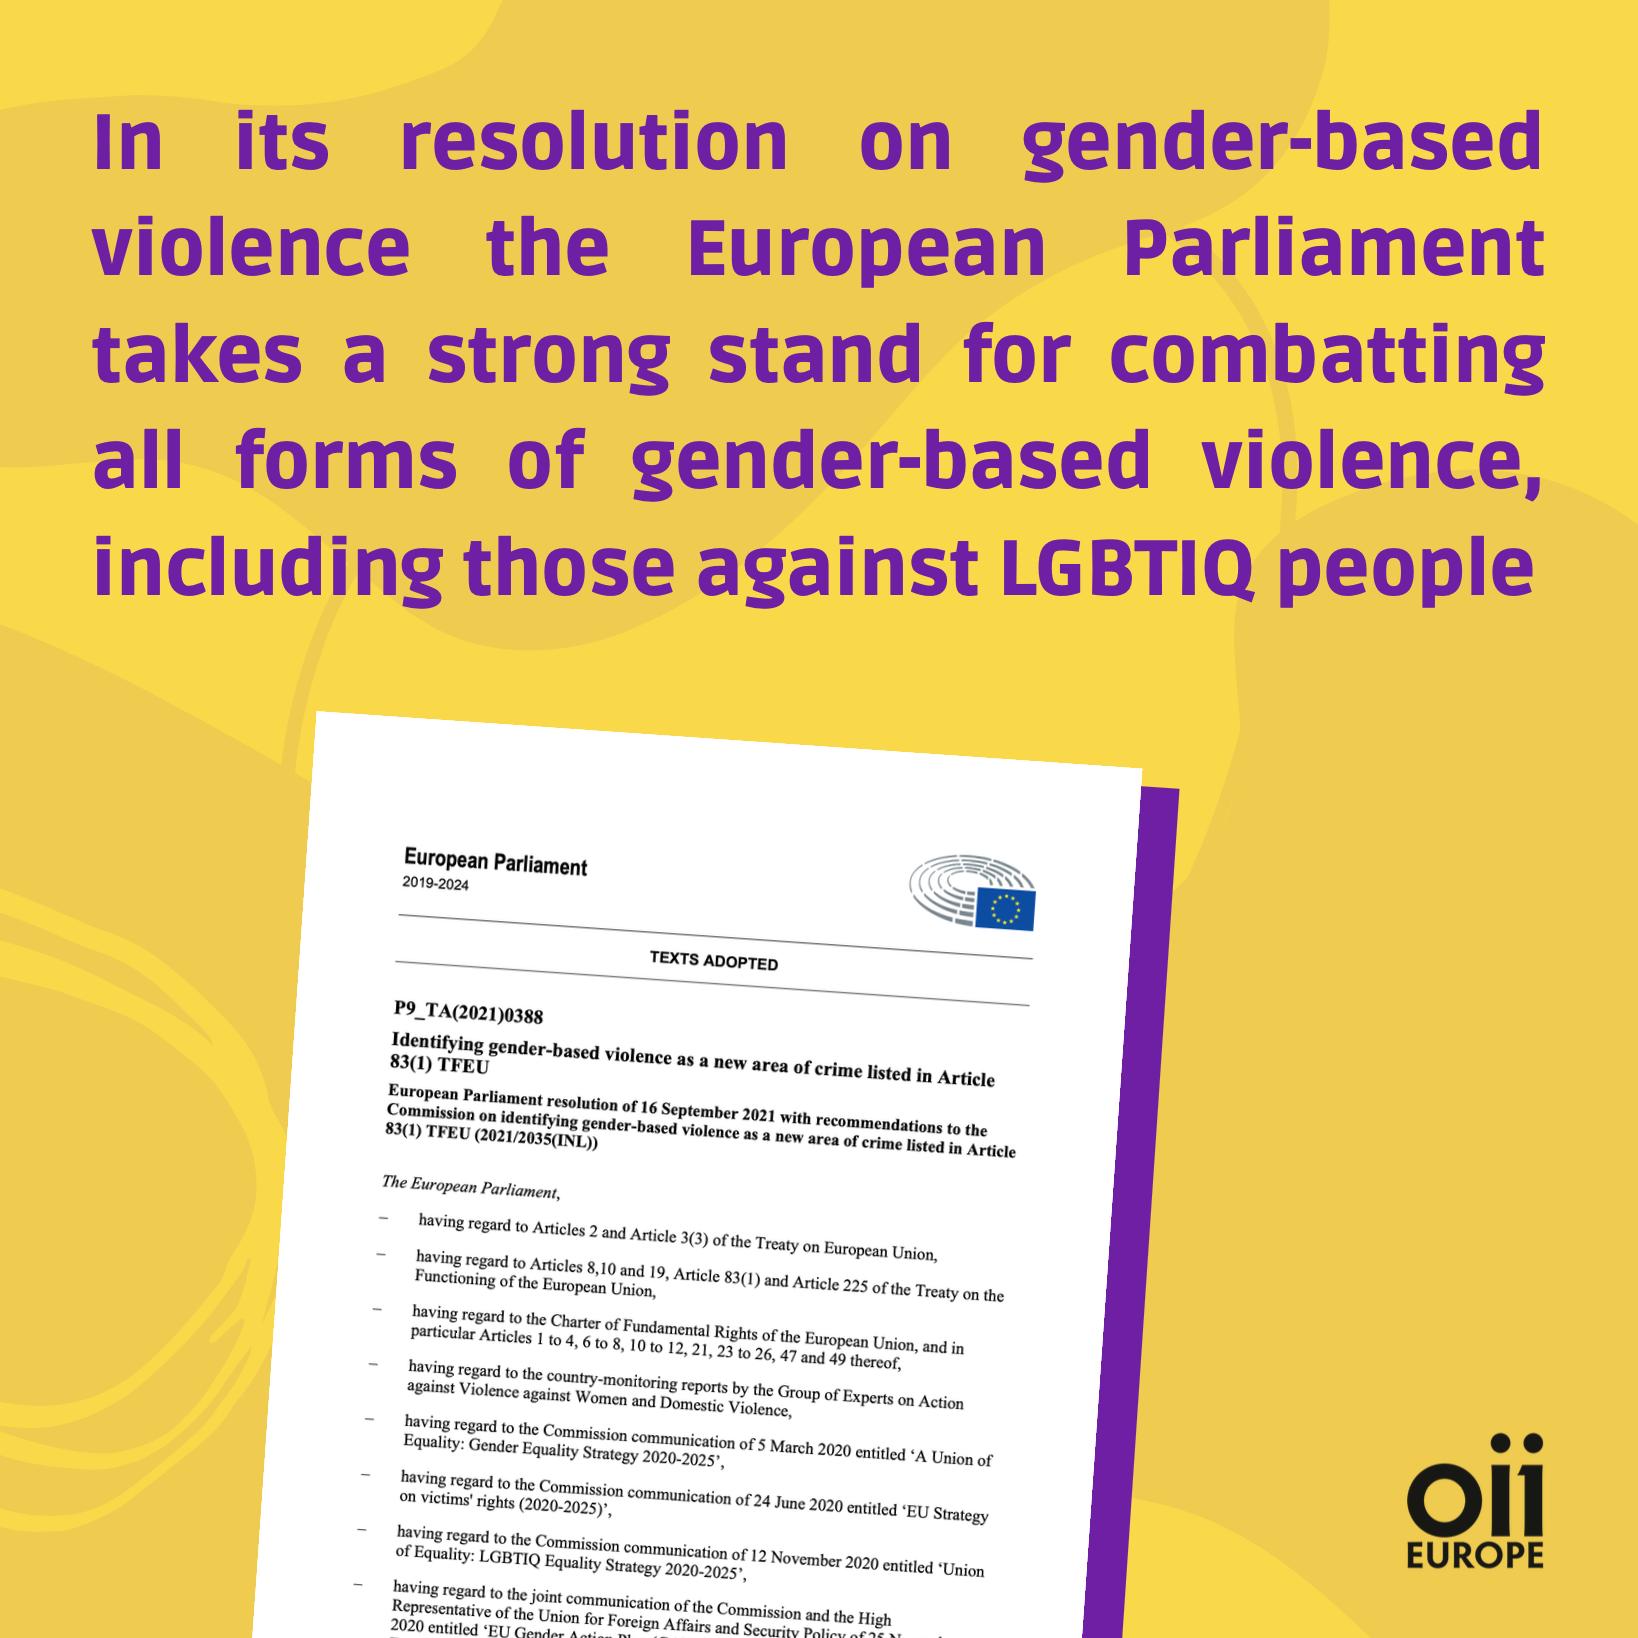 EP resolution on gender-based violence